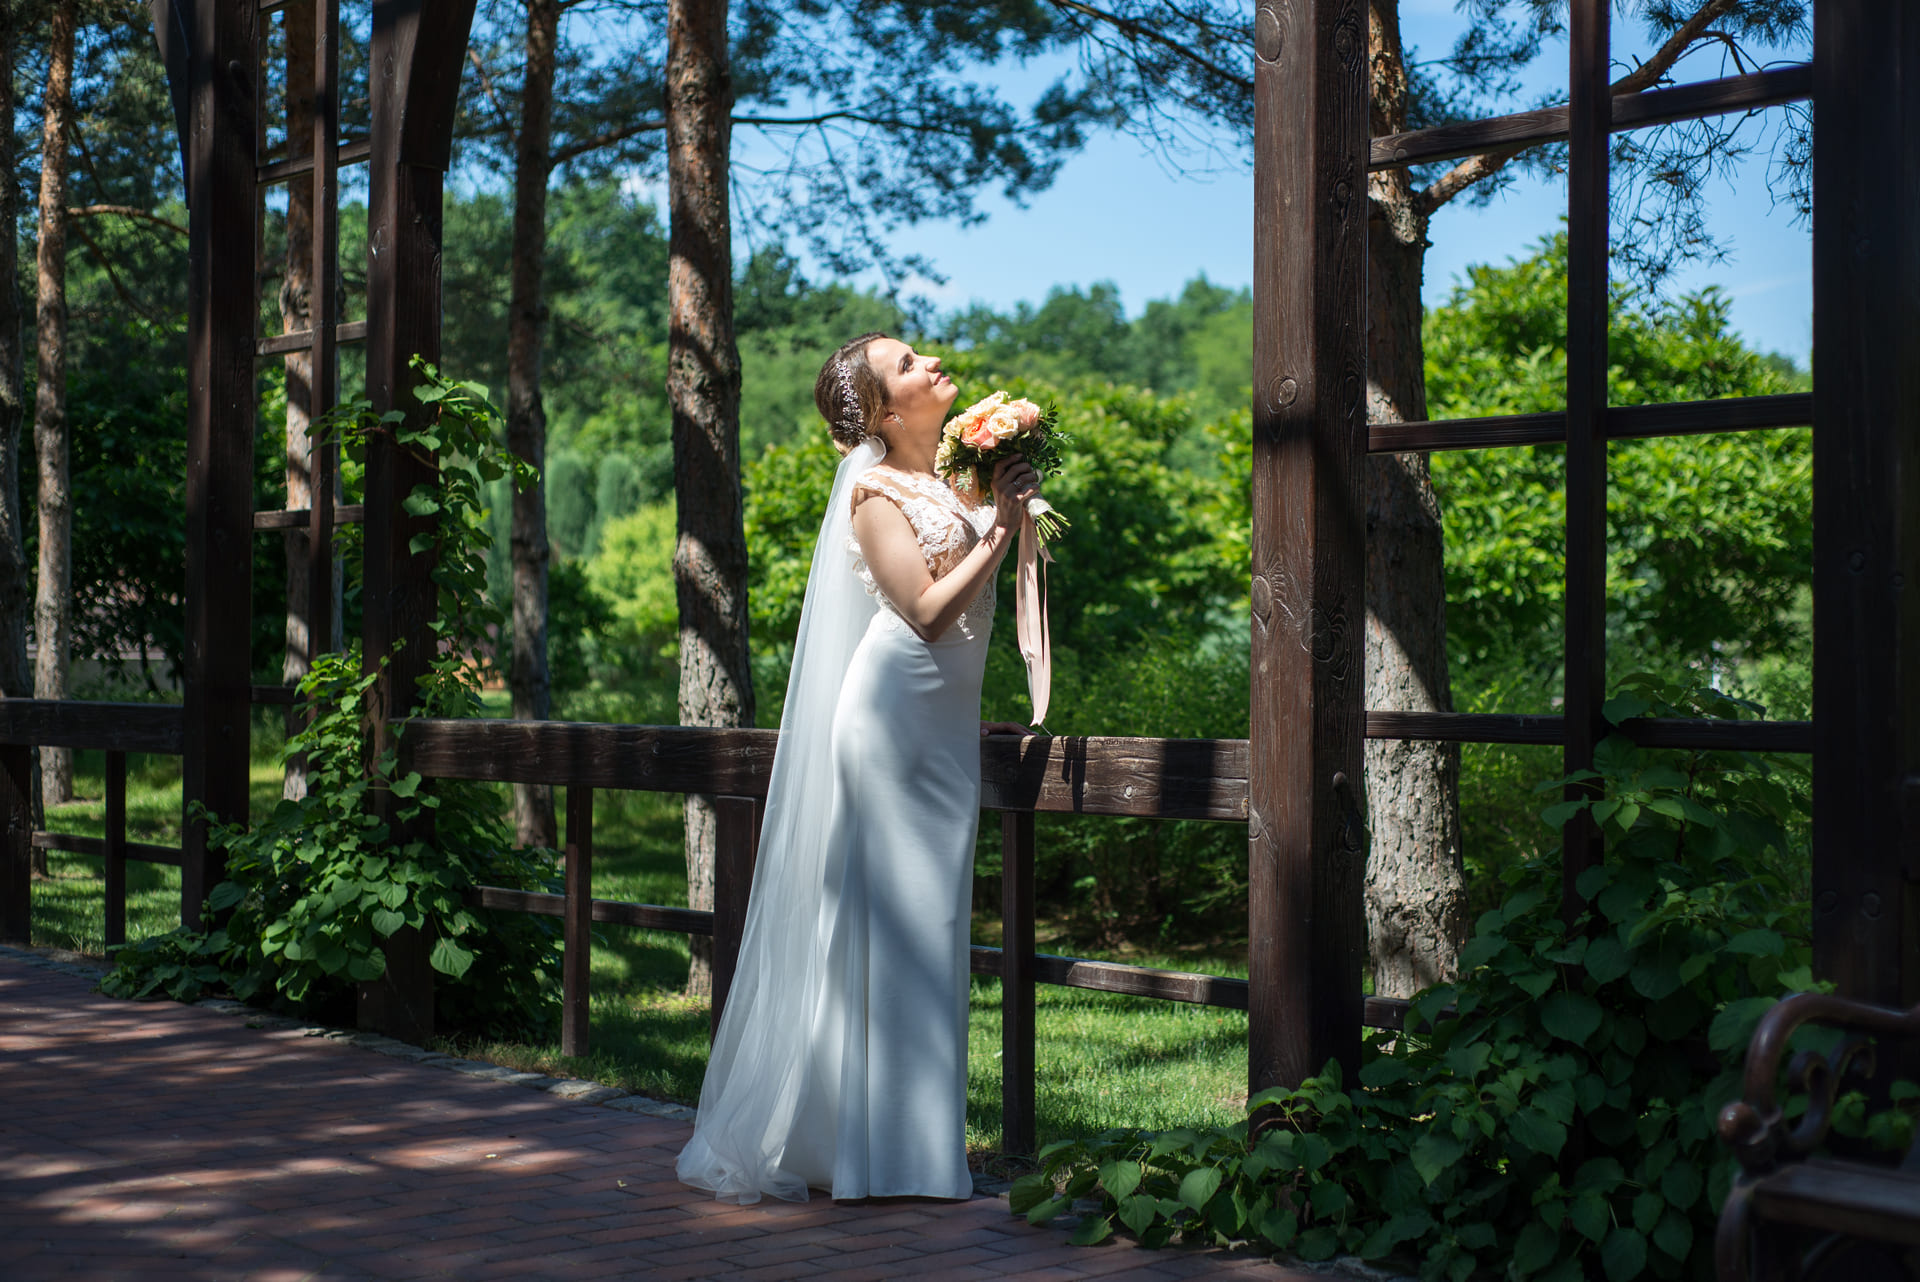 Свадебная фотосессия в Межигорье: Невеста в солнечной алее